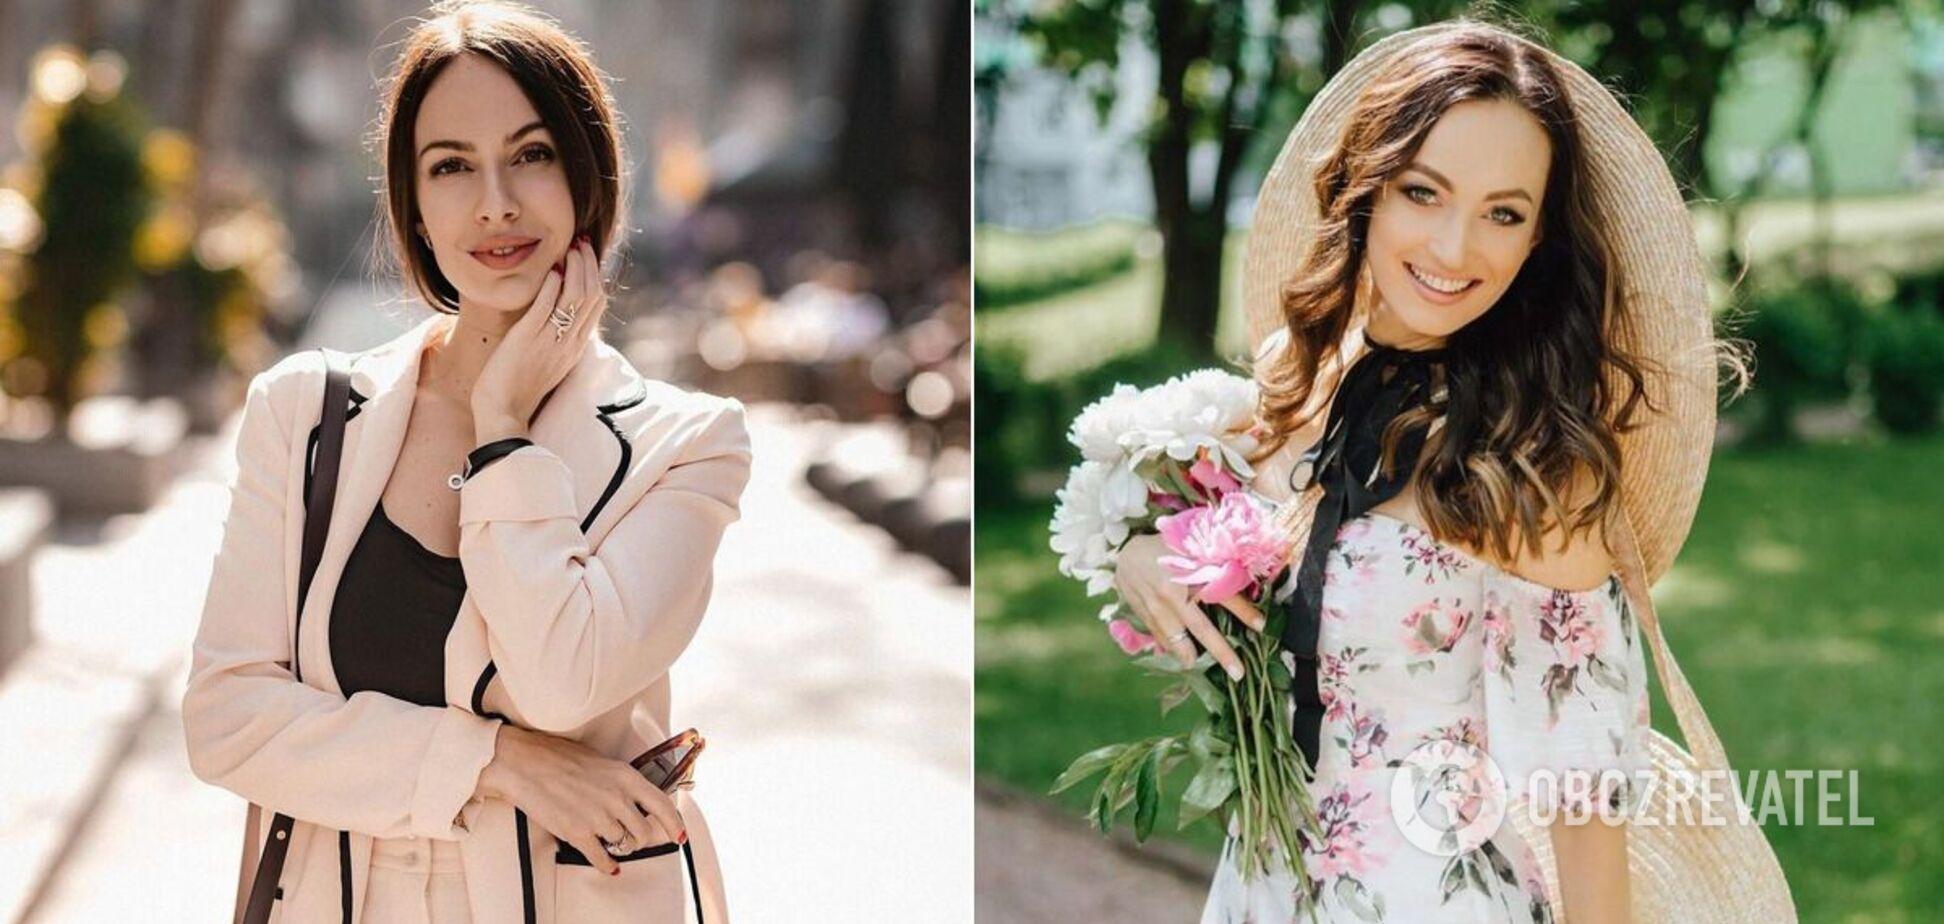 Кристина Горняк и Елена Войченко